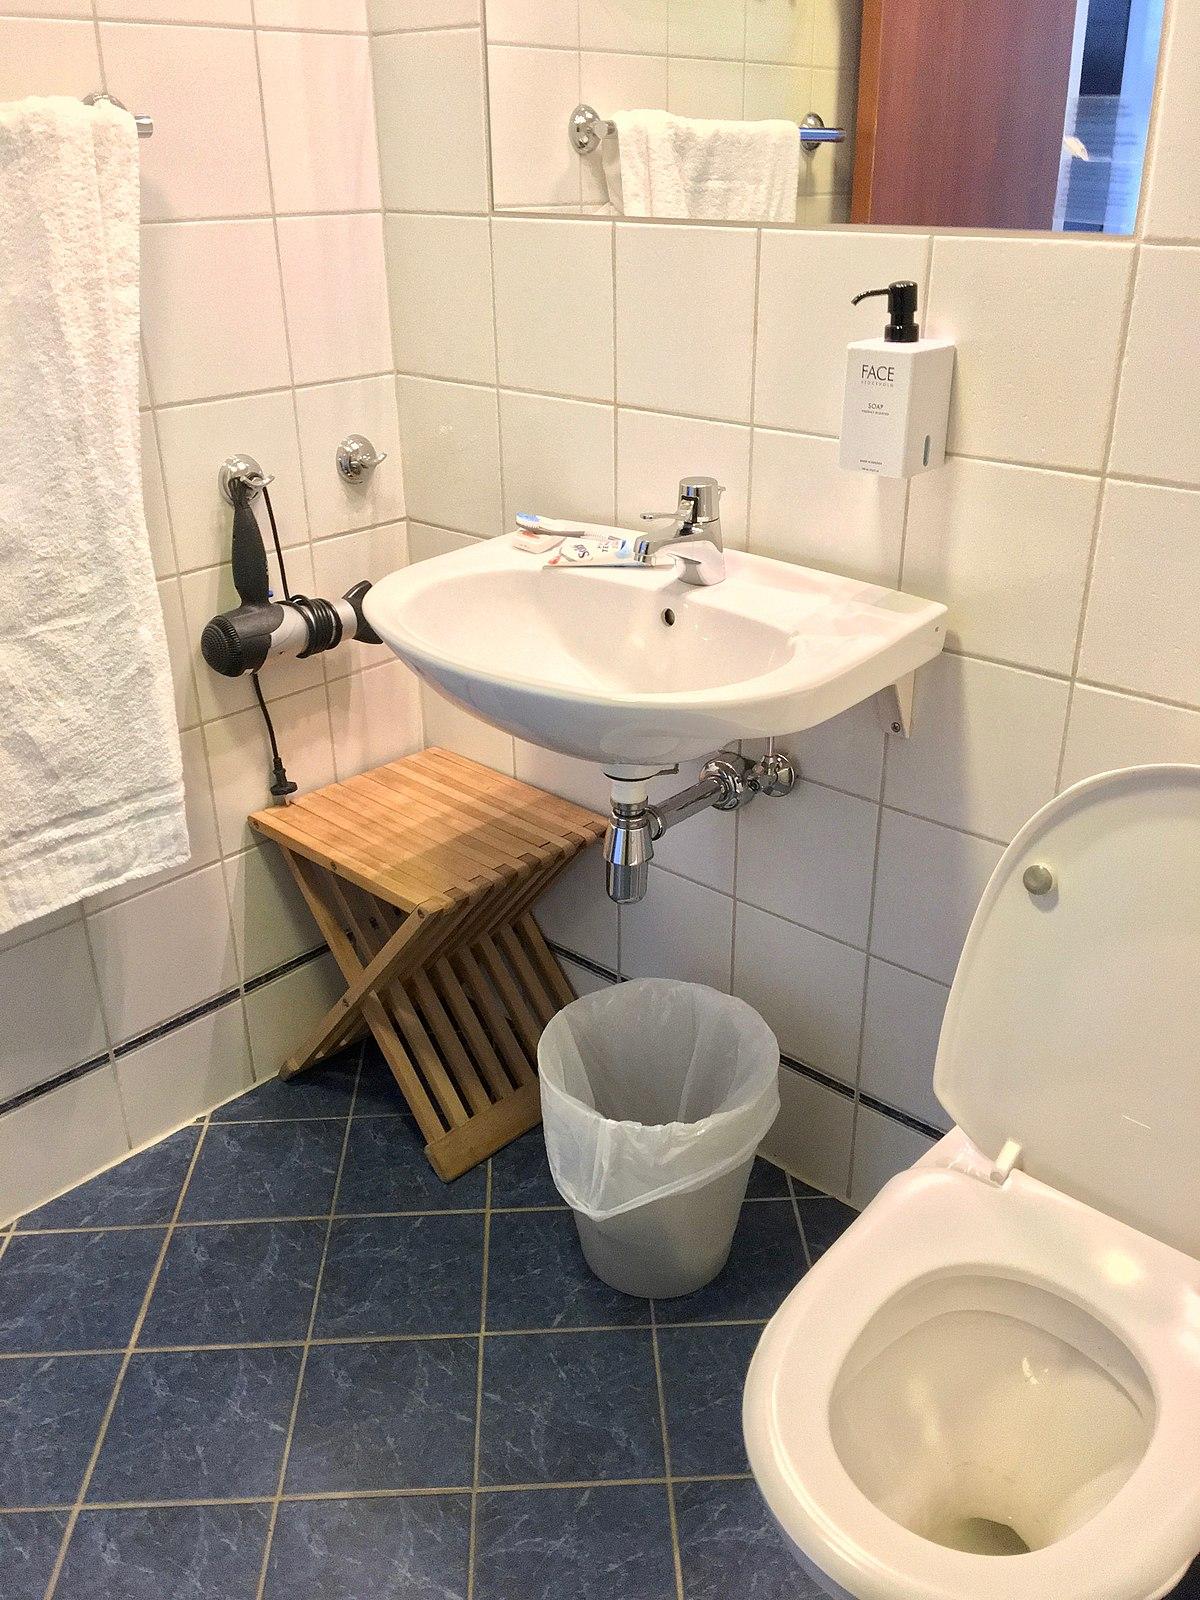 with hand wash sink mirror waste bin